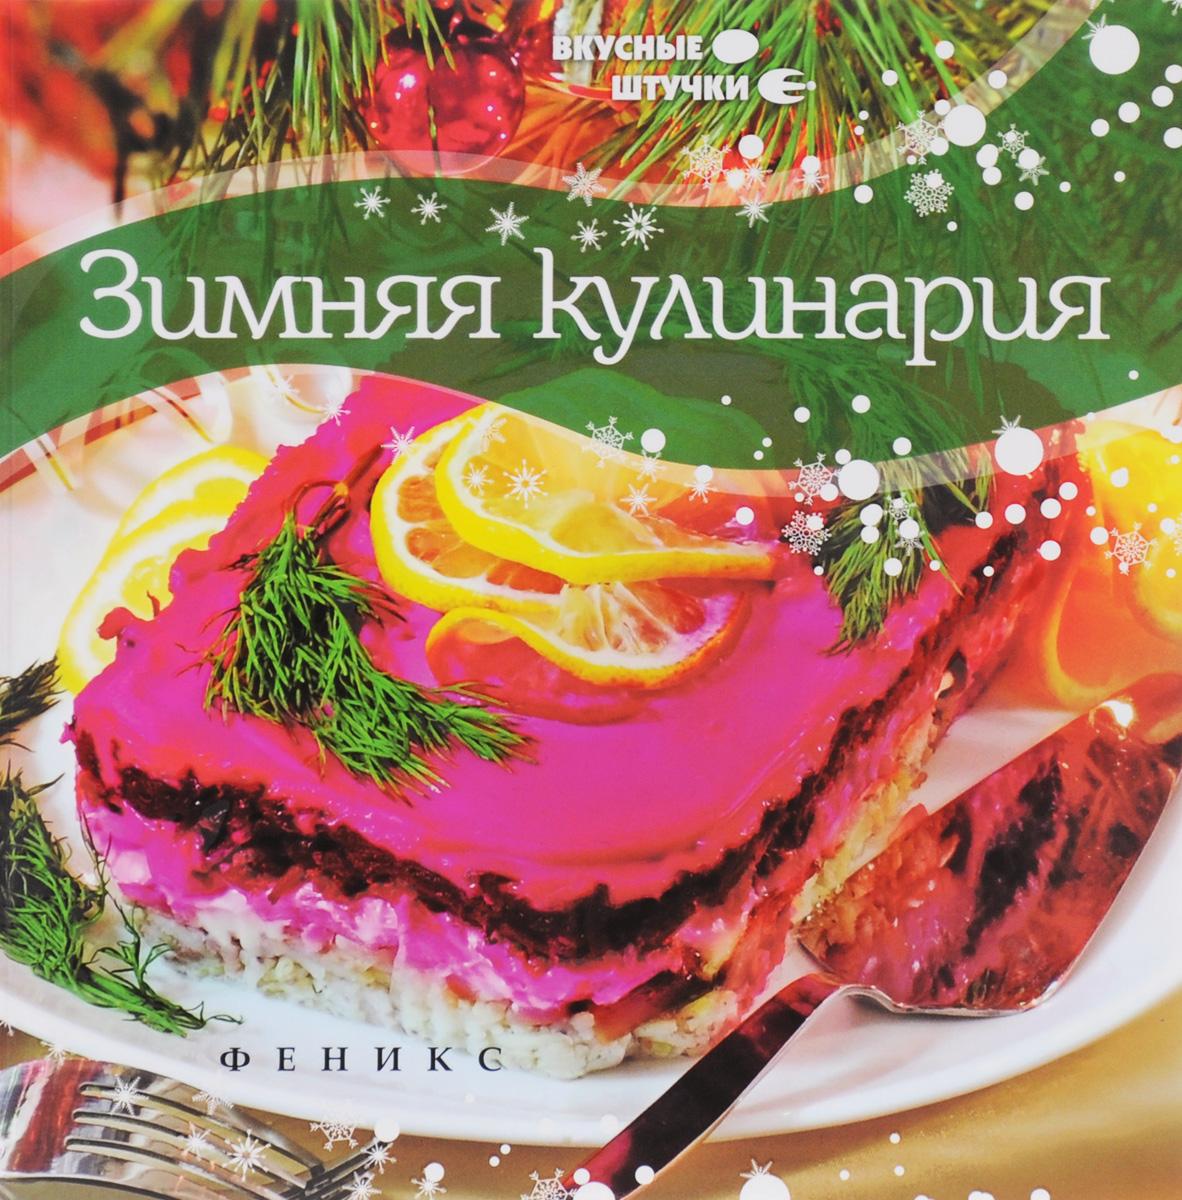 Зимняя кулинария12296407Зима - отличное время приготовить что-то необычное и удивить близких своим кулинарным мастерством. В это время сытные блюда становятся все актуальнее, а значит, рецепты, представленные в данной книге, помогут хозяйке сотворить что-нибудь особенное, вкусное и горячее для всей семьи. Новый год и Рождество Христово - главные праздники зимы, когда мы приглашаем к себе домой родных и друзей и готовим праздничные кушанья. Сырный салат в апельсине, утка с яблоками, блинные мешочки с бананами - все это, а также многое другое, вы сможете приготовить самостоятельно, воспользовавшись рецептами из данной книги. Подробное описание приготовления блюд, а также советы кулинара помогут вам освоить даже самые сложные блюда. Для детей старше 12 лет.